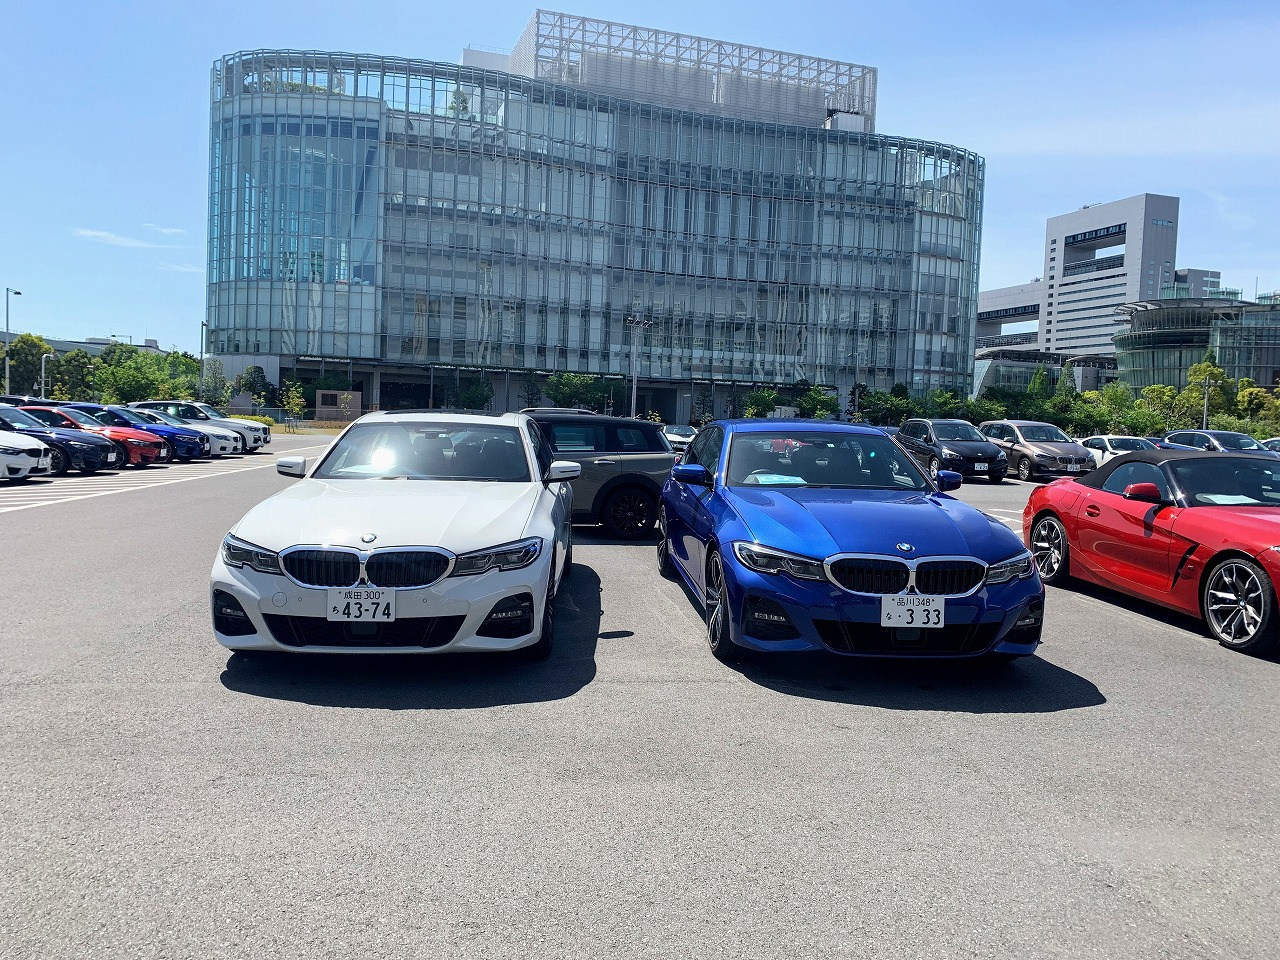 BMW新型3シリーズ(G20)320i Mスポーツを再度試乗しました^^サイドウィンドウがアコースティック・ガラスになるサウンドパッケージの静寂性が凄い!